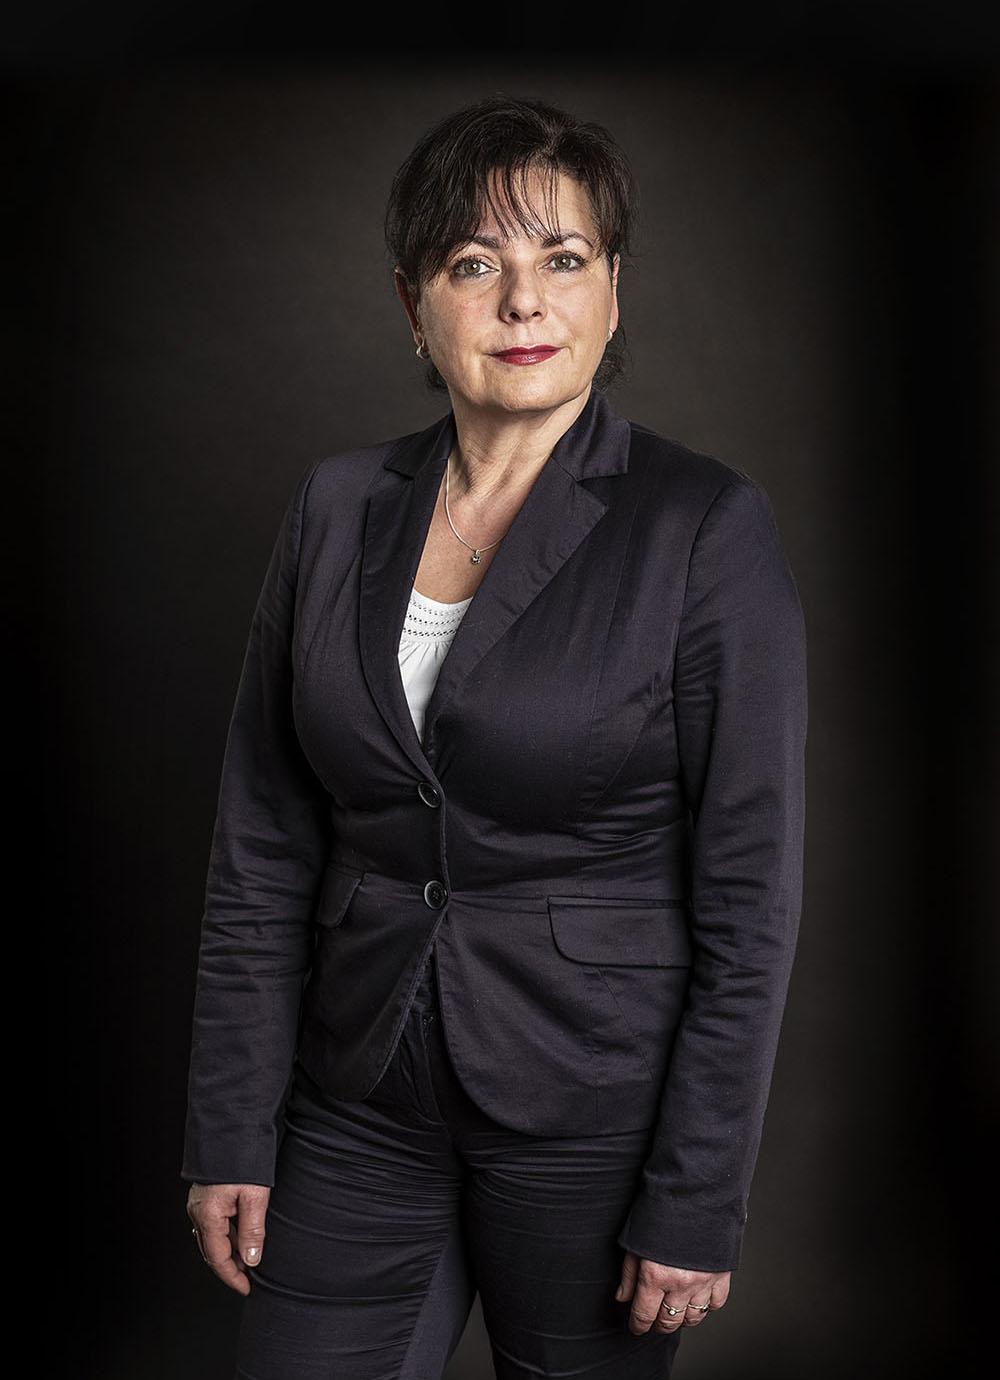 Kerstin Schatka